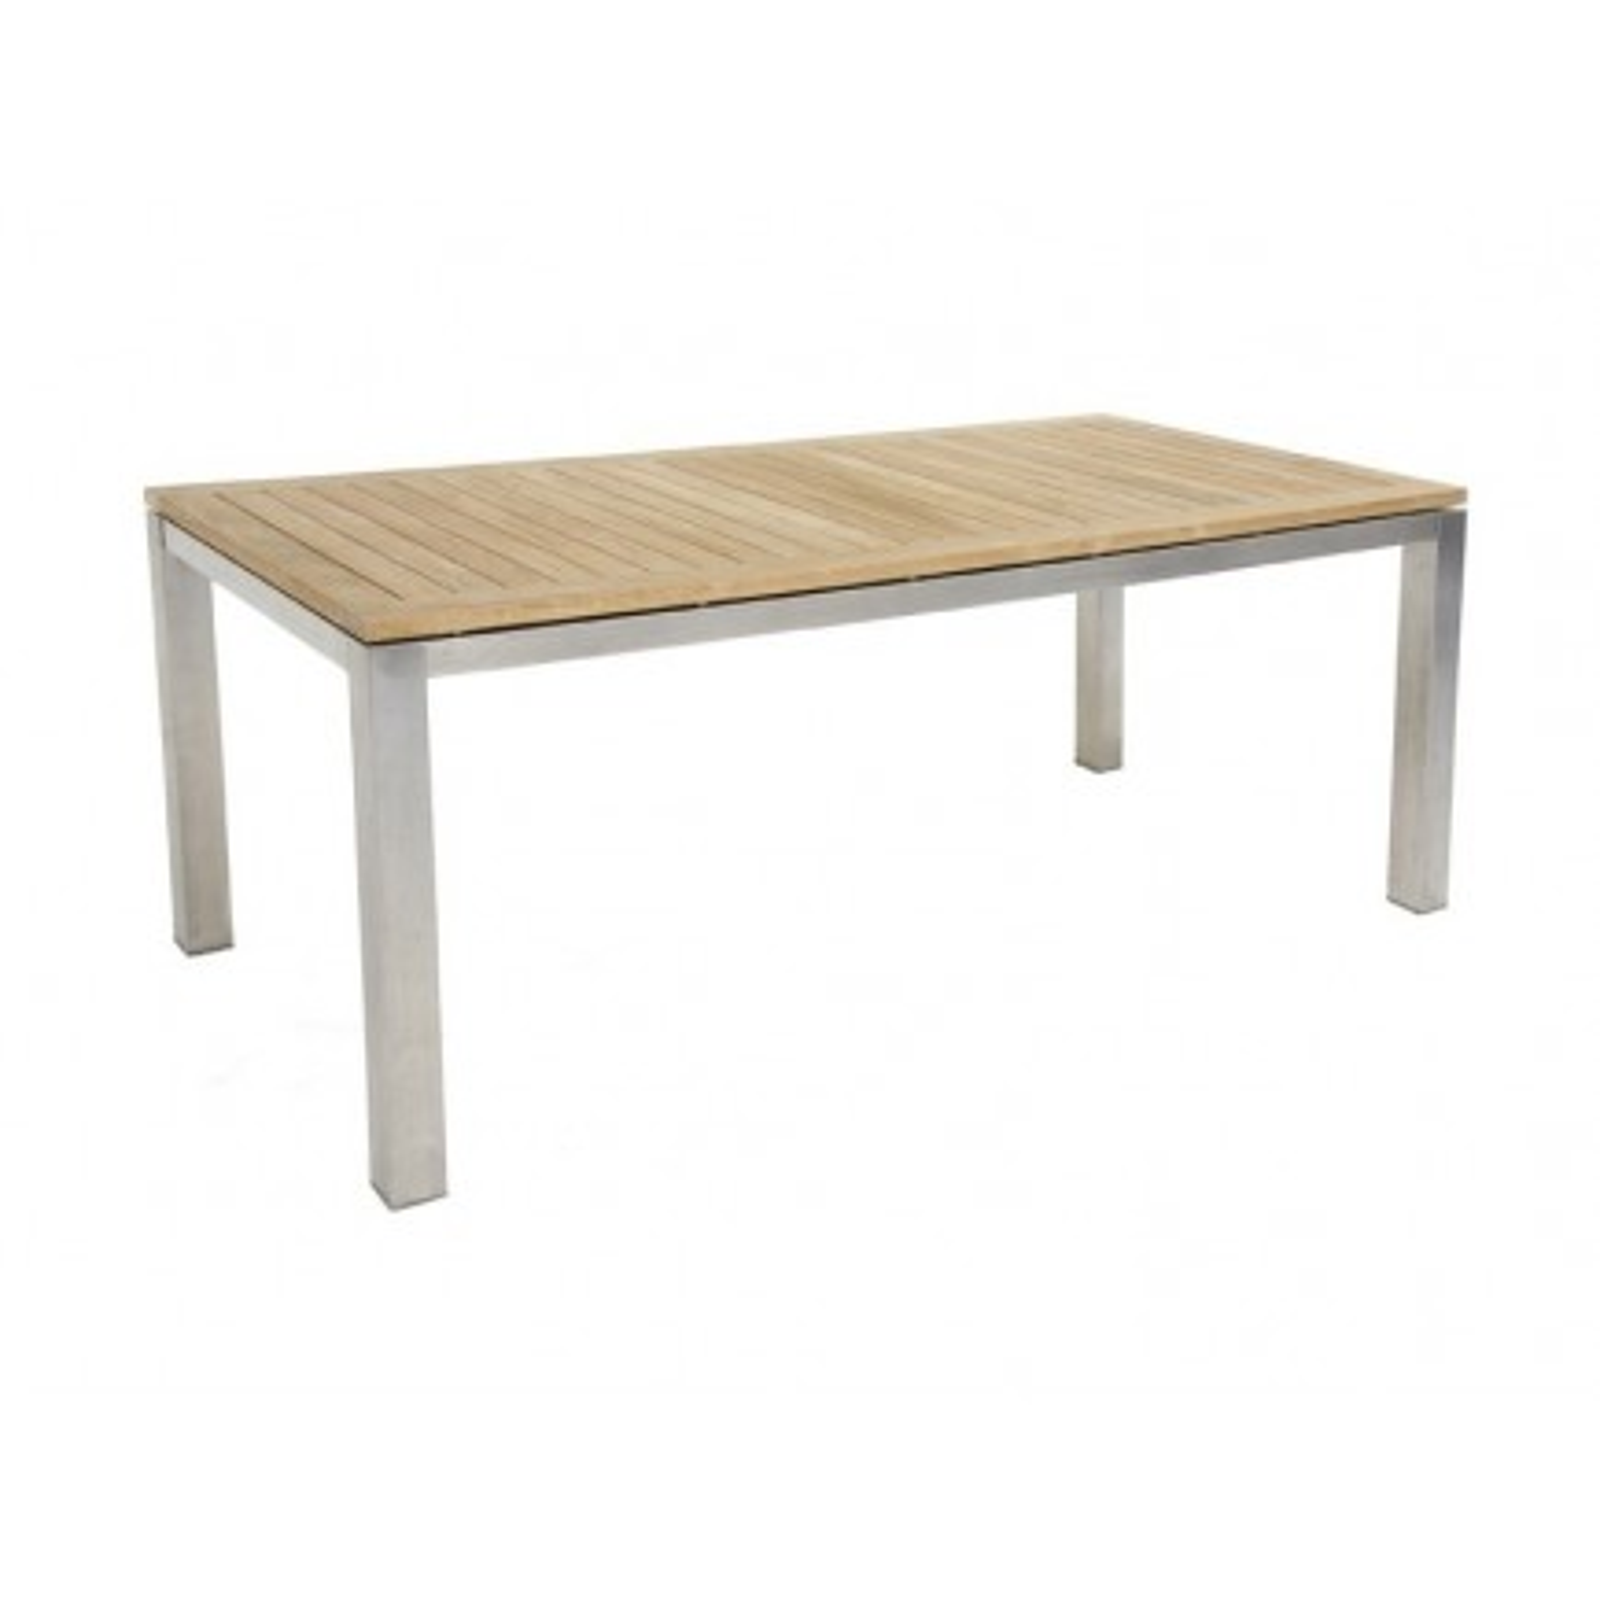 Table de jardin en teck et inox. Table d\'extérieur design Taman